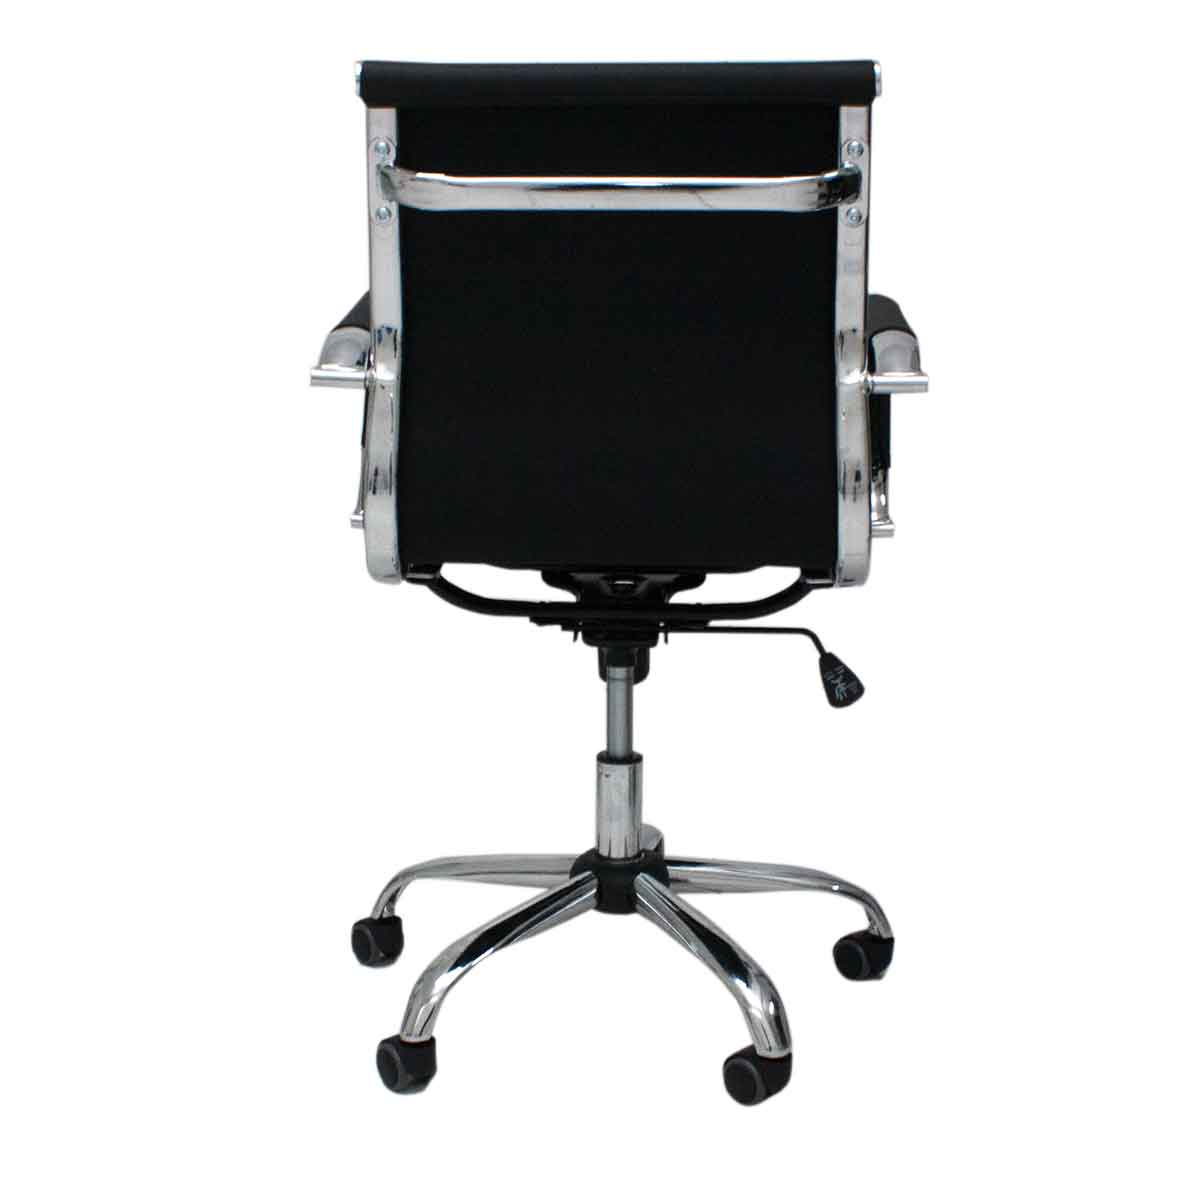 Cadeira Escritório Brun Charles Eames Diretor Aço Giratória